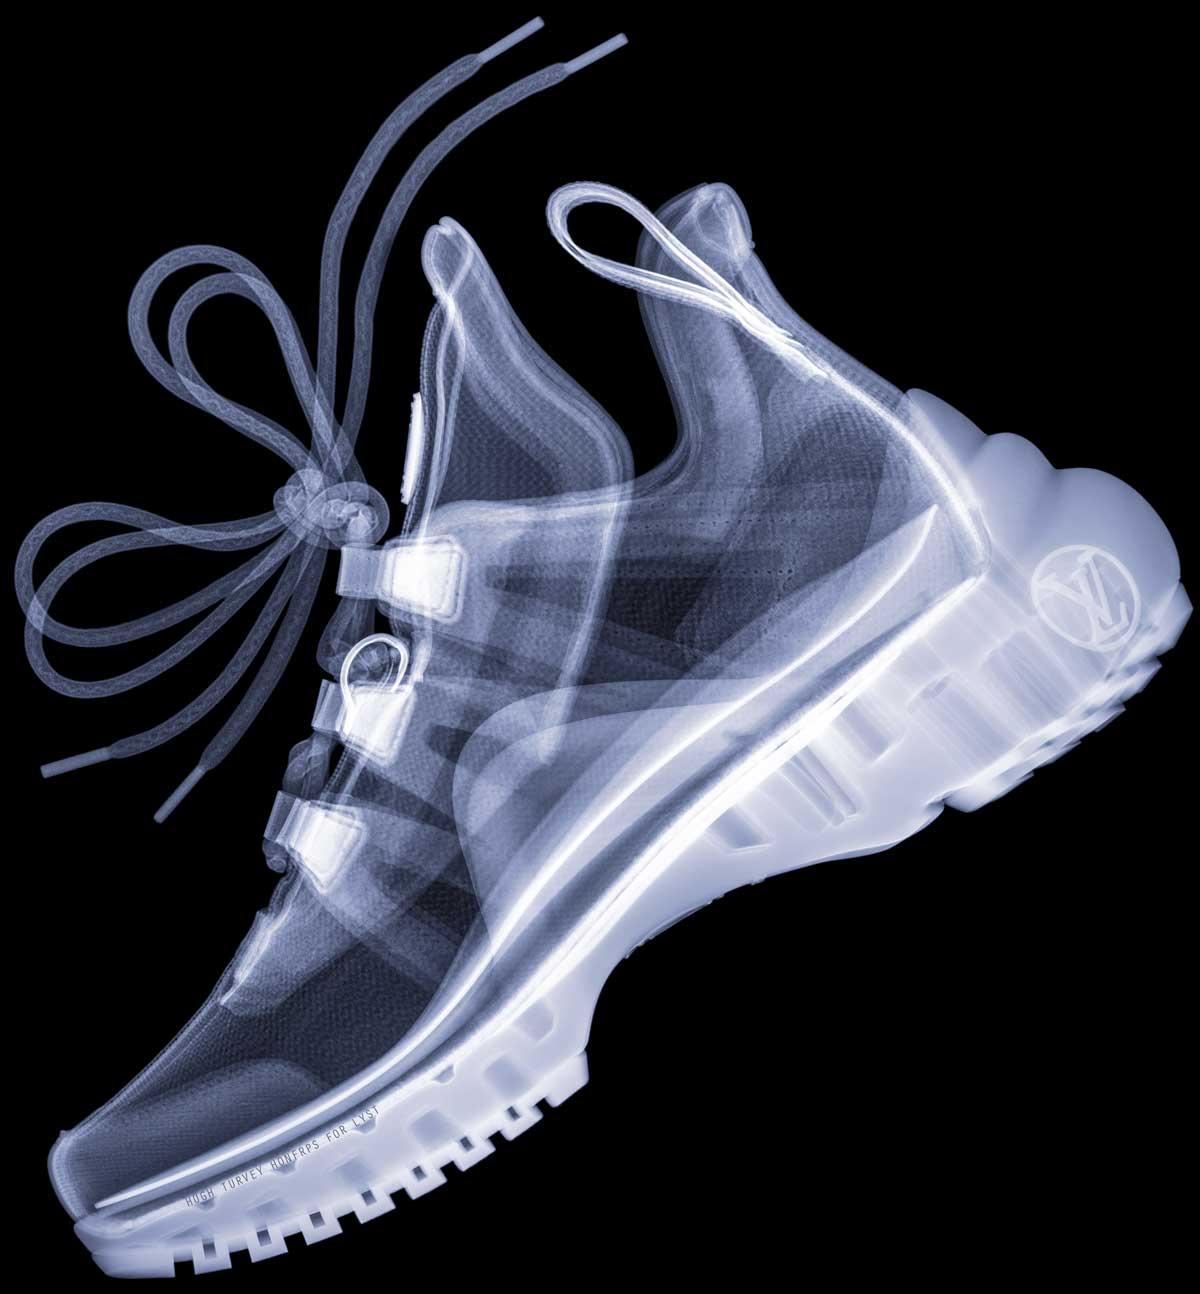 LV Archlight x-ray